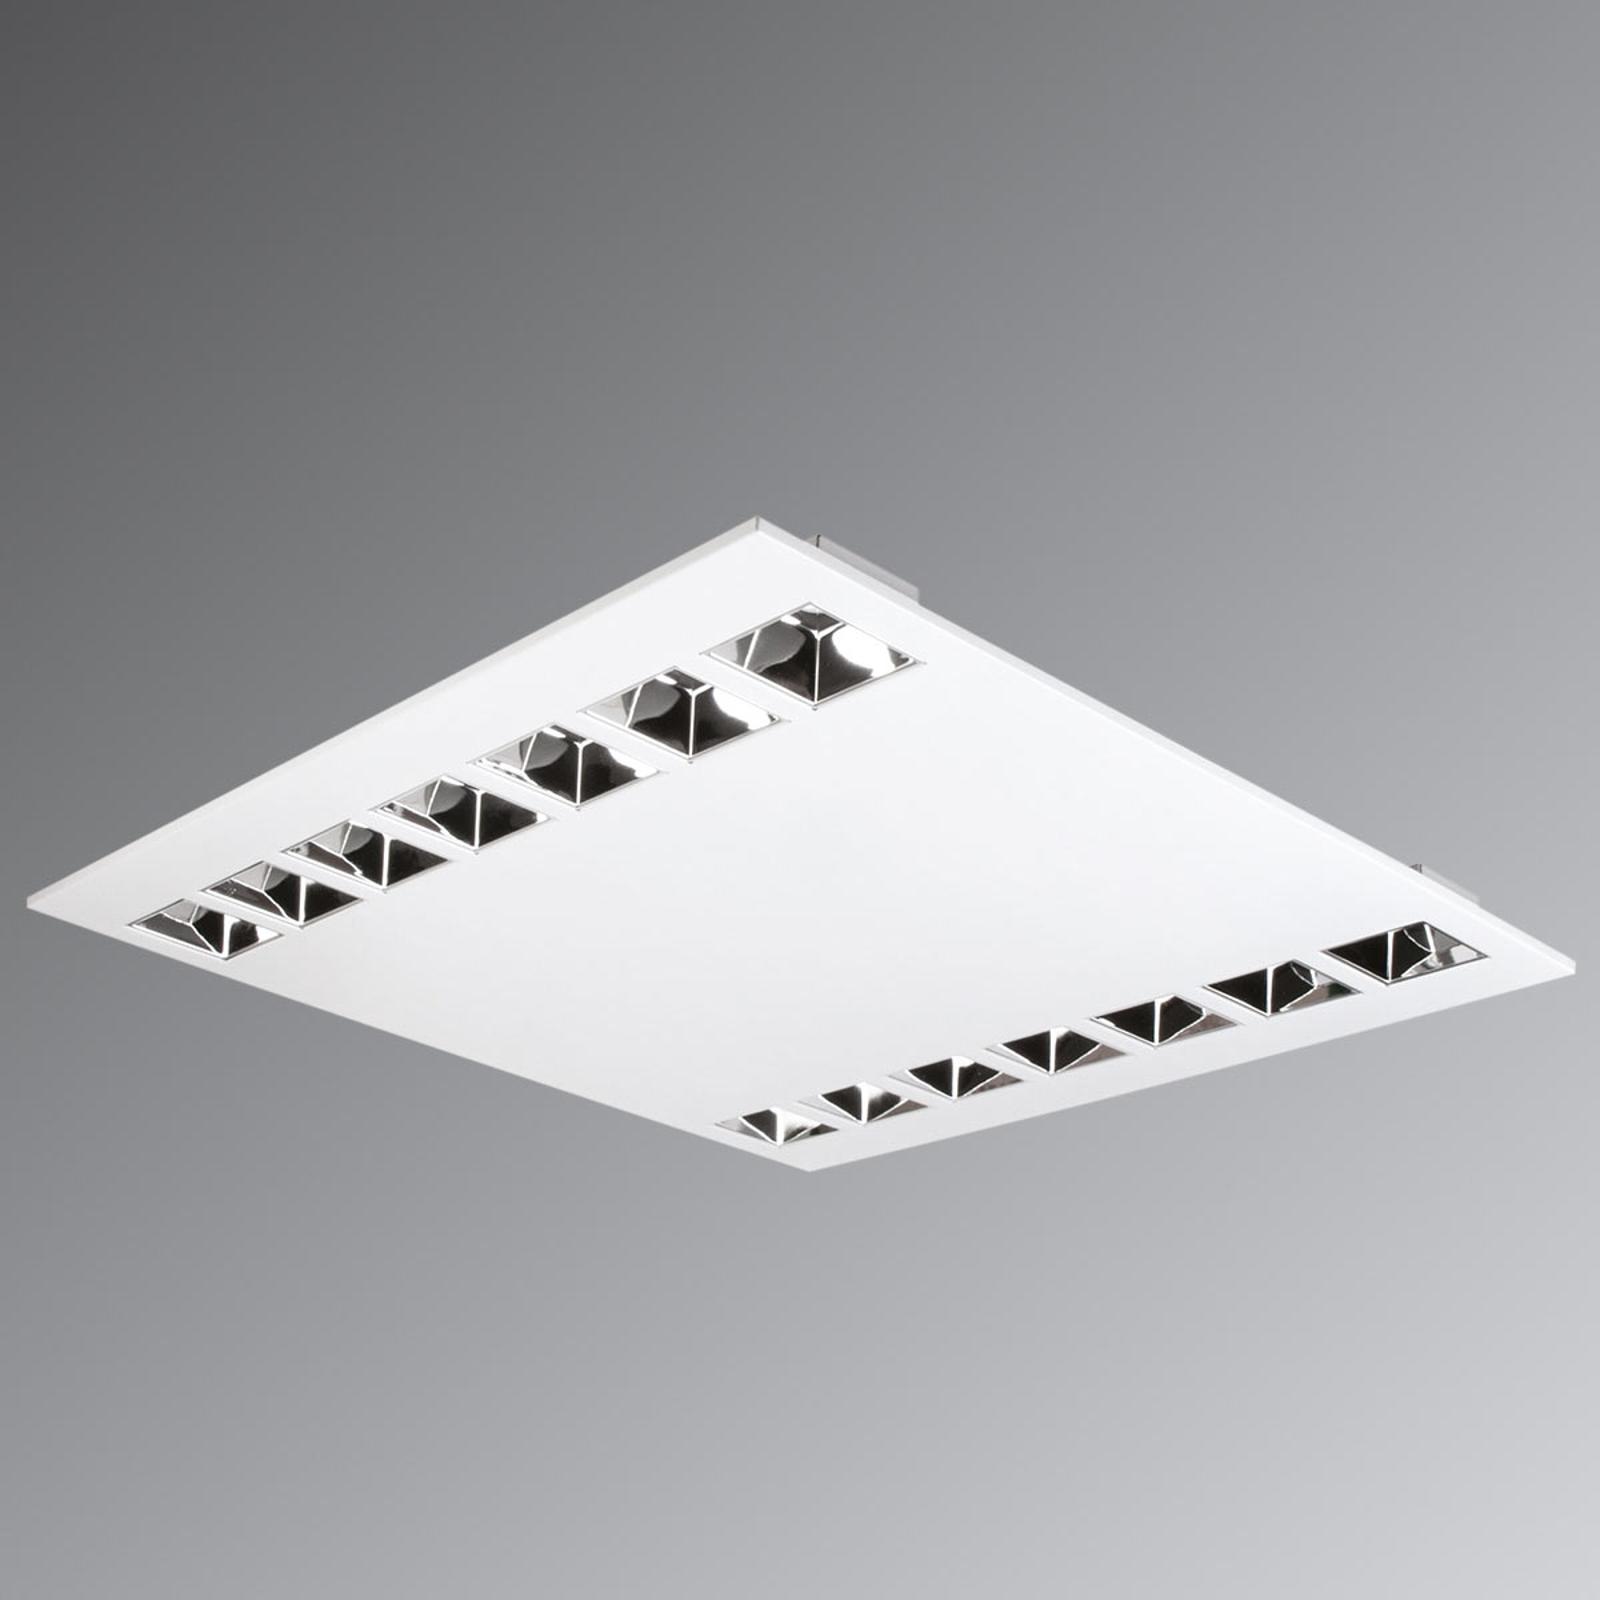 Low-glare LED troffer light Estela_6530245_1